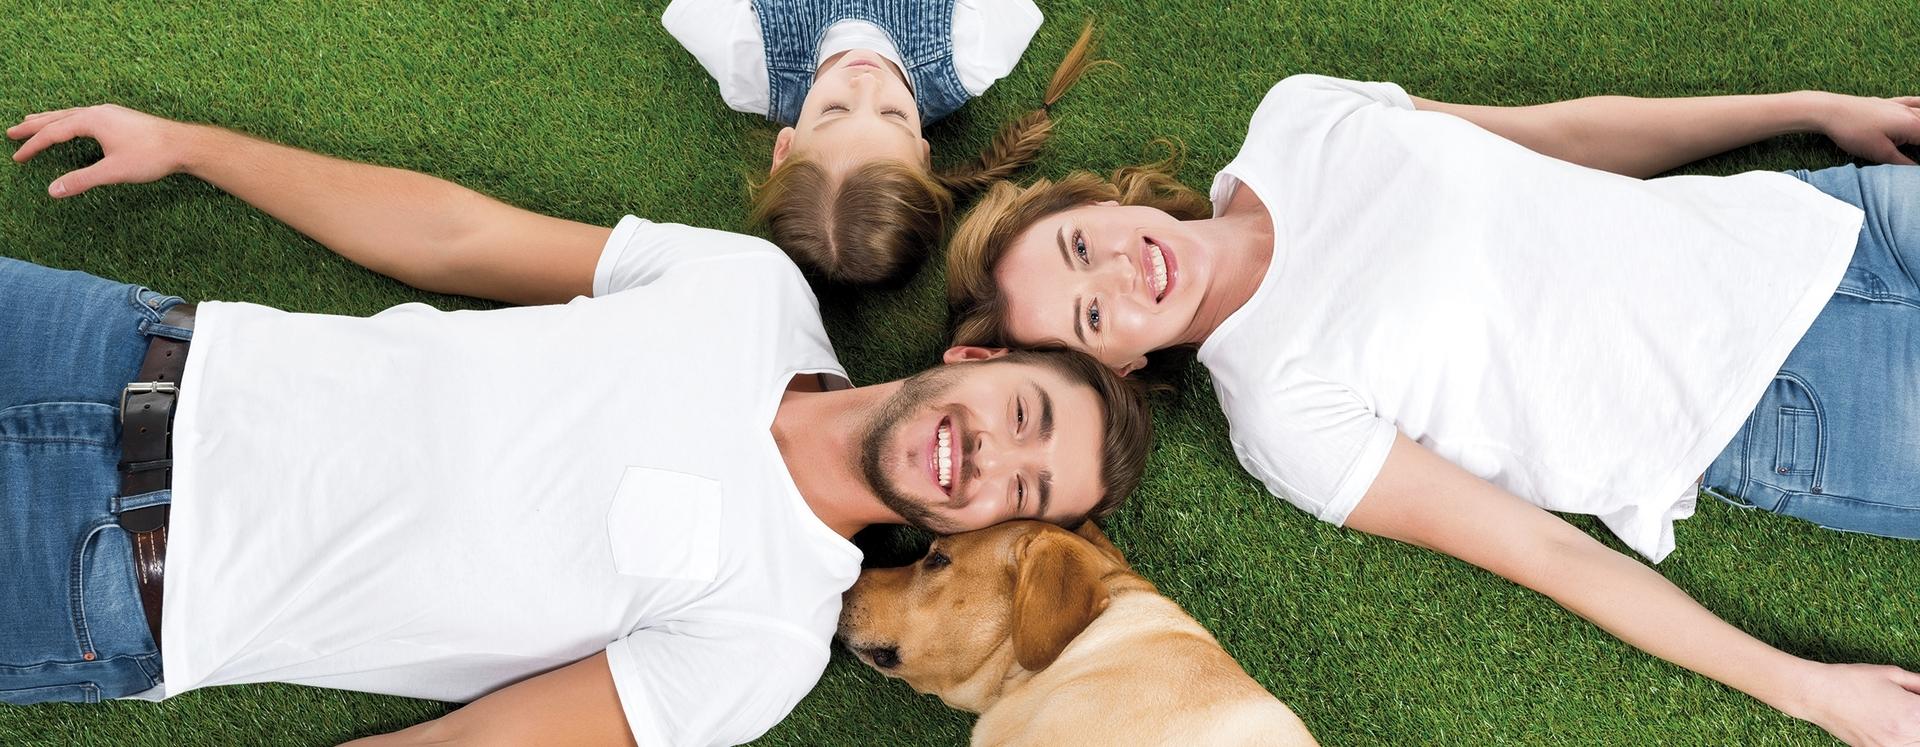 Familie mit Kind und Hund